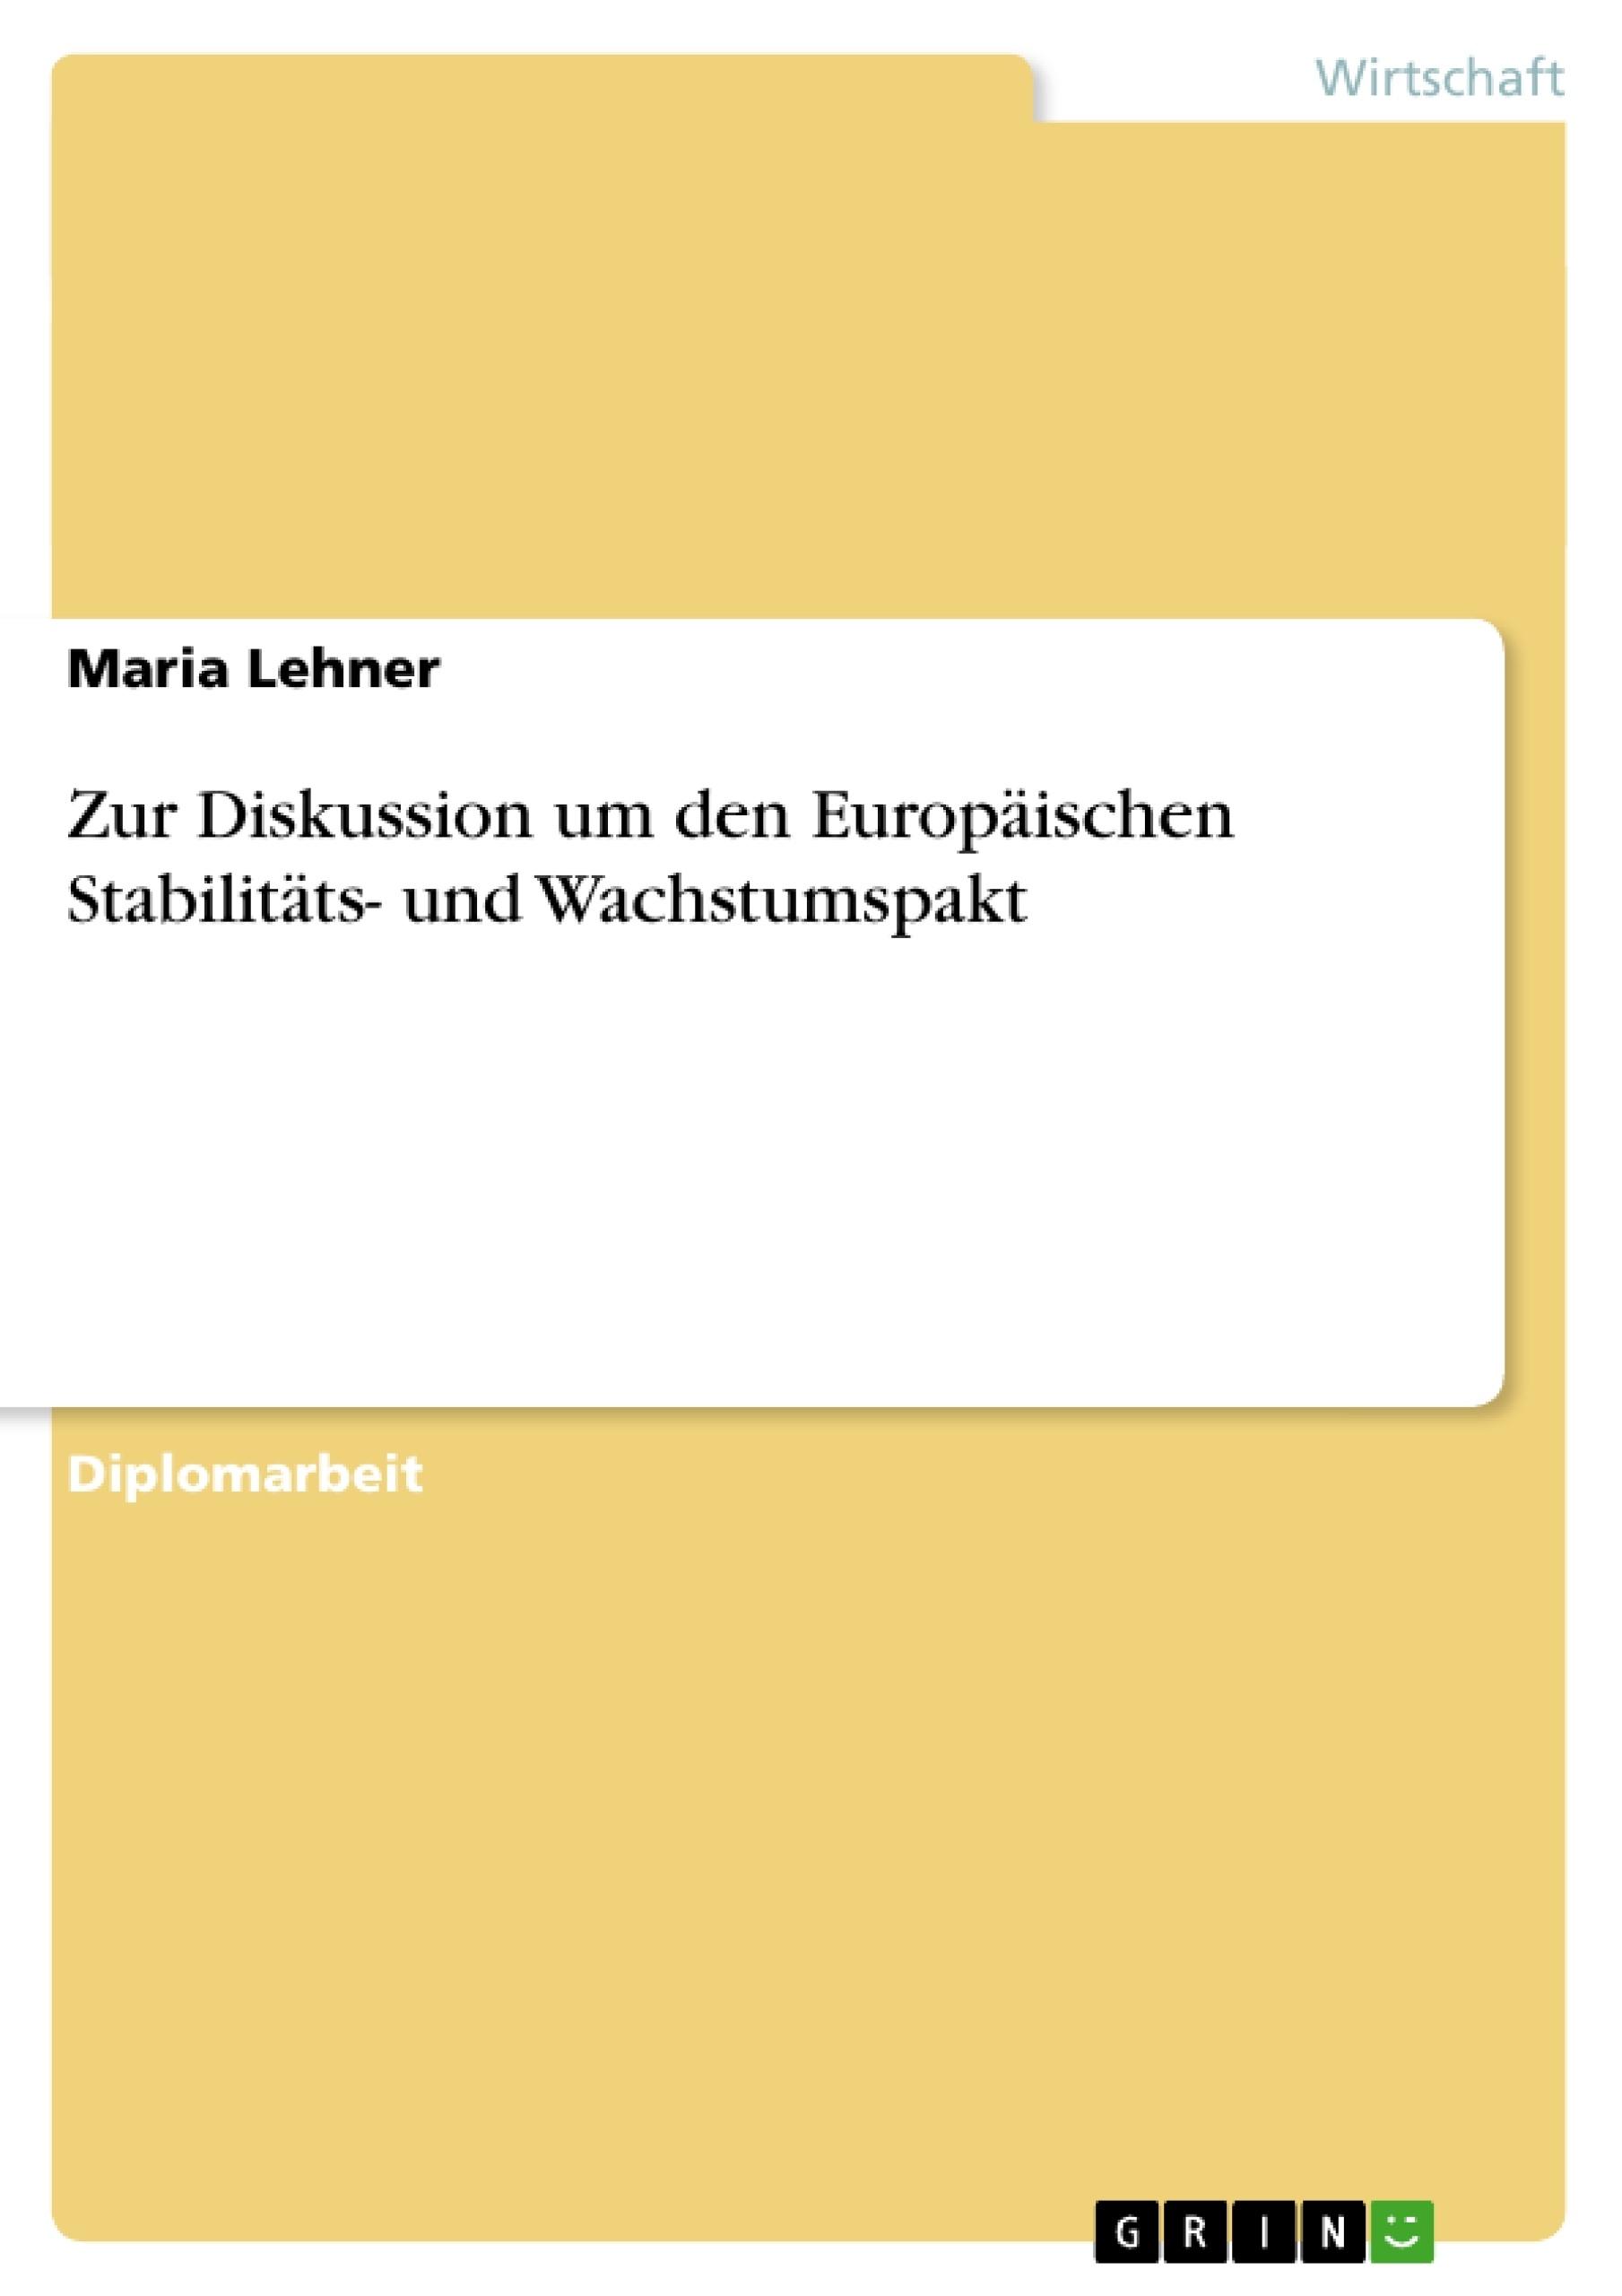 Titel: Zur Diskussion um den Europäischen Stabilitäts- und Wachstumspakt